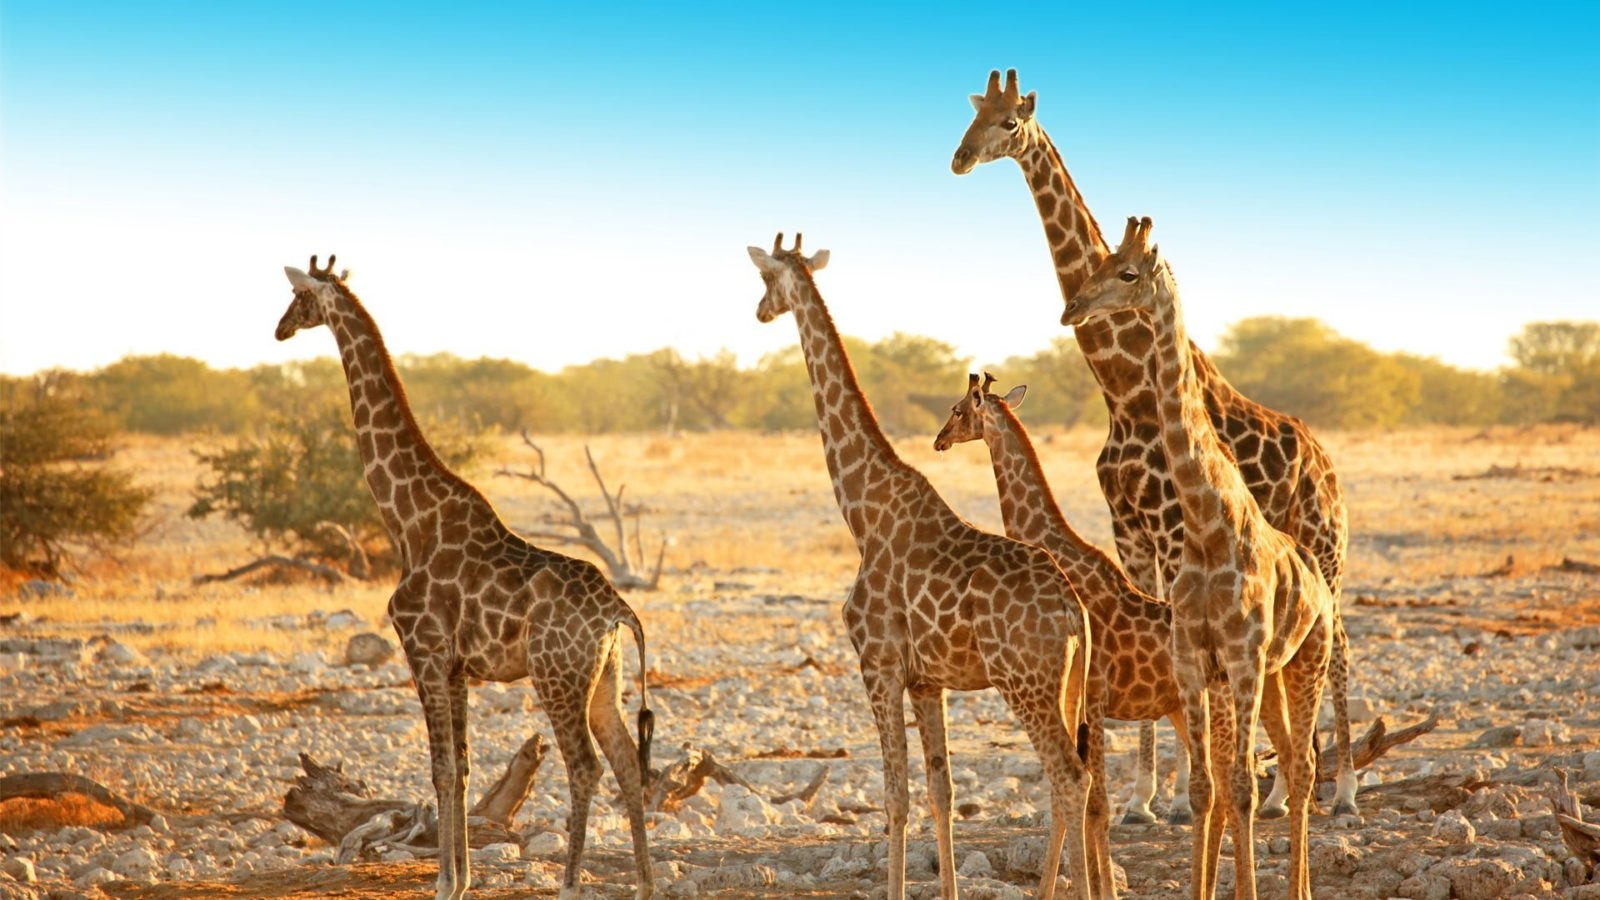 Giraffe-on-a-walking-safari-in-Etosha-Namibia-1600x900